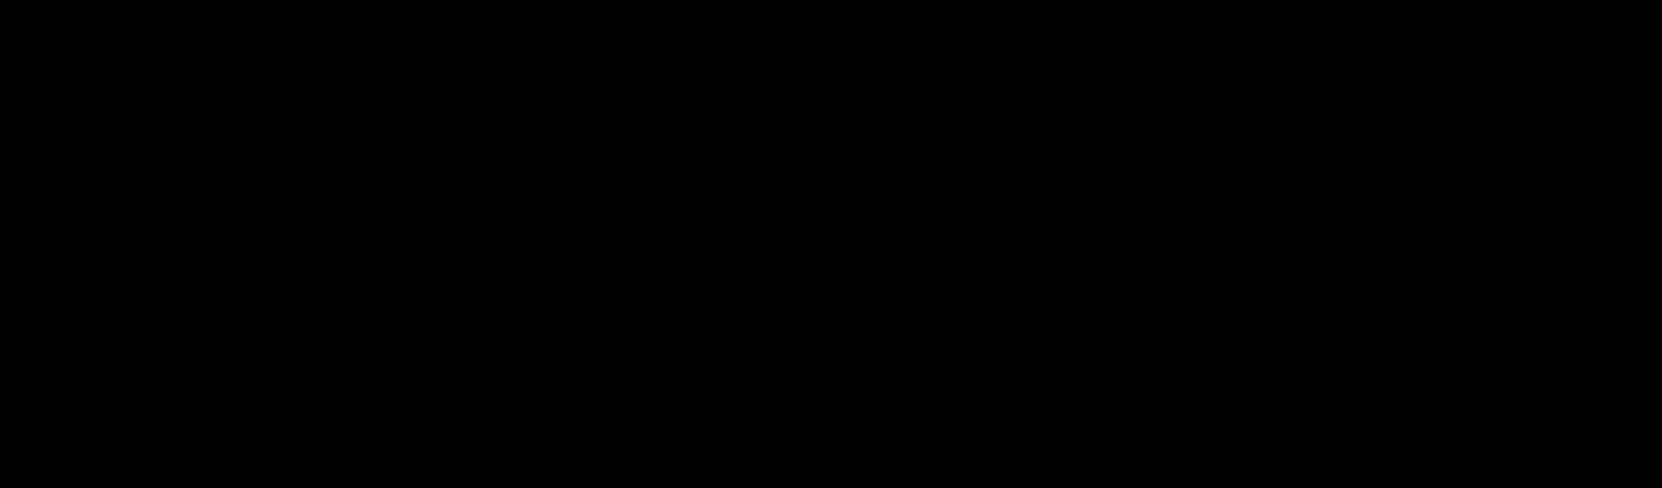 Suberanilic acid